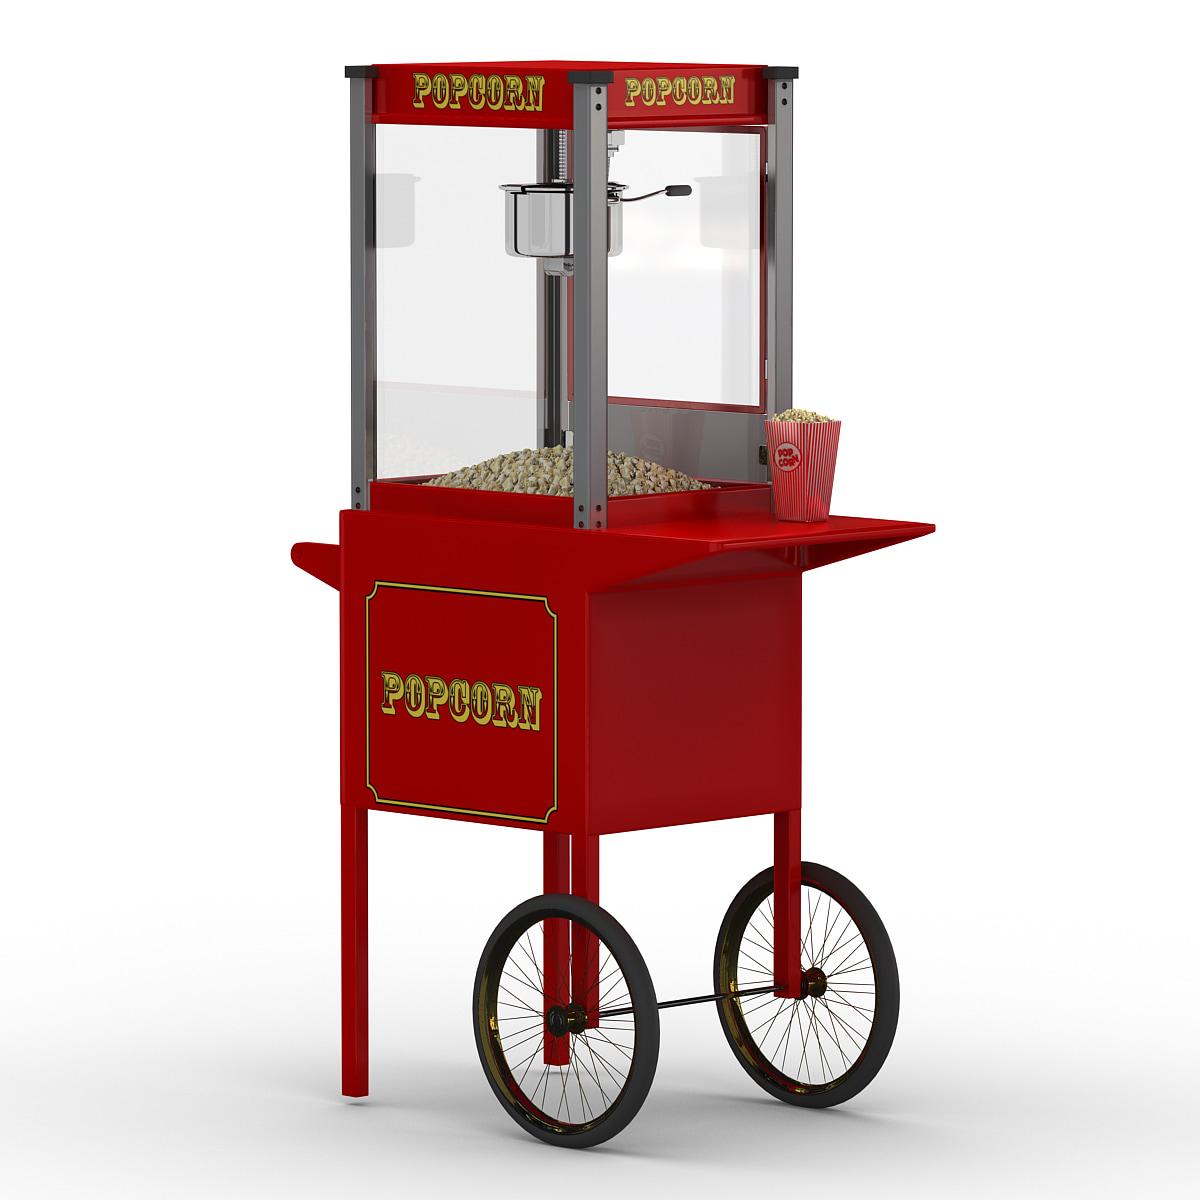 Popcorn_Machine_v2_001.jpg